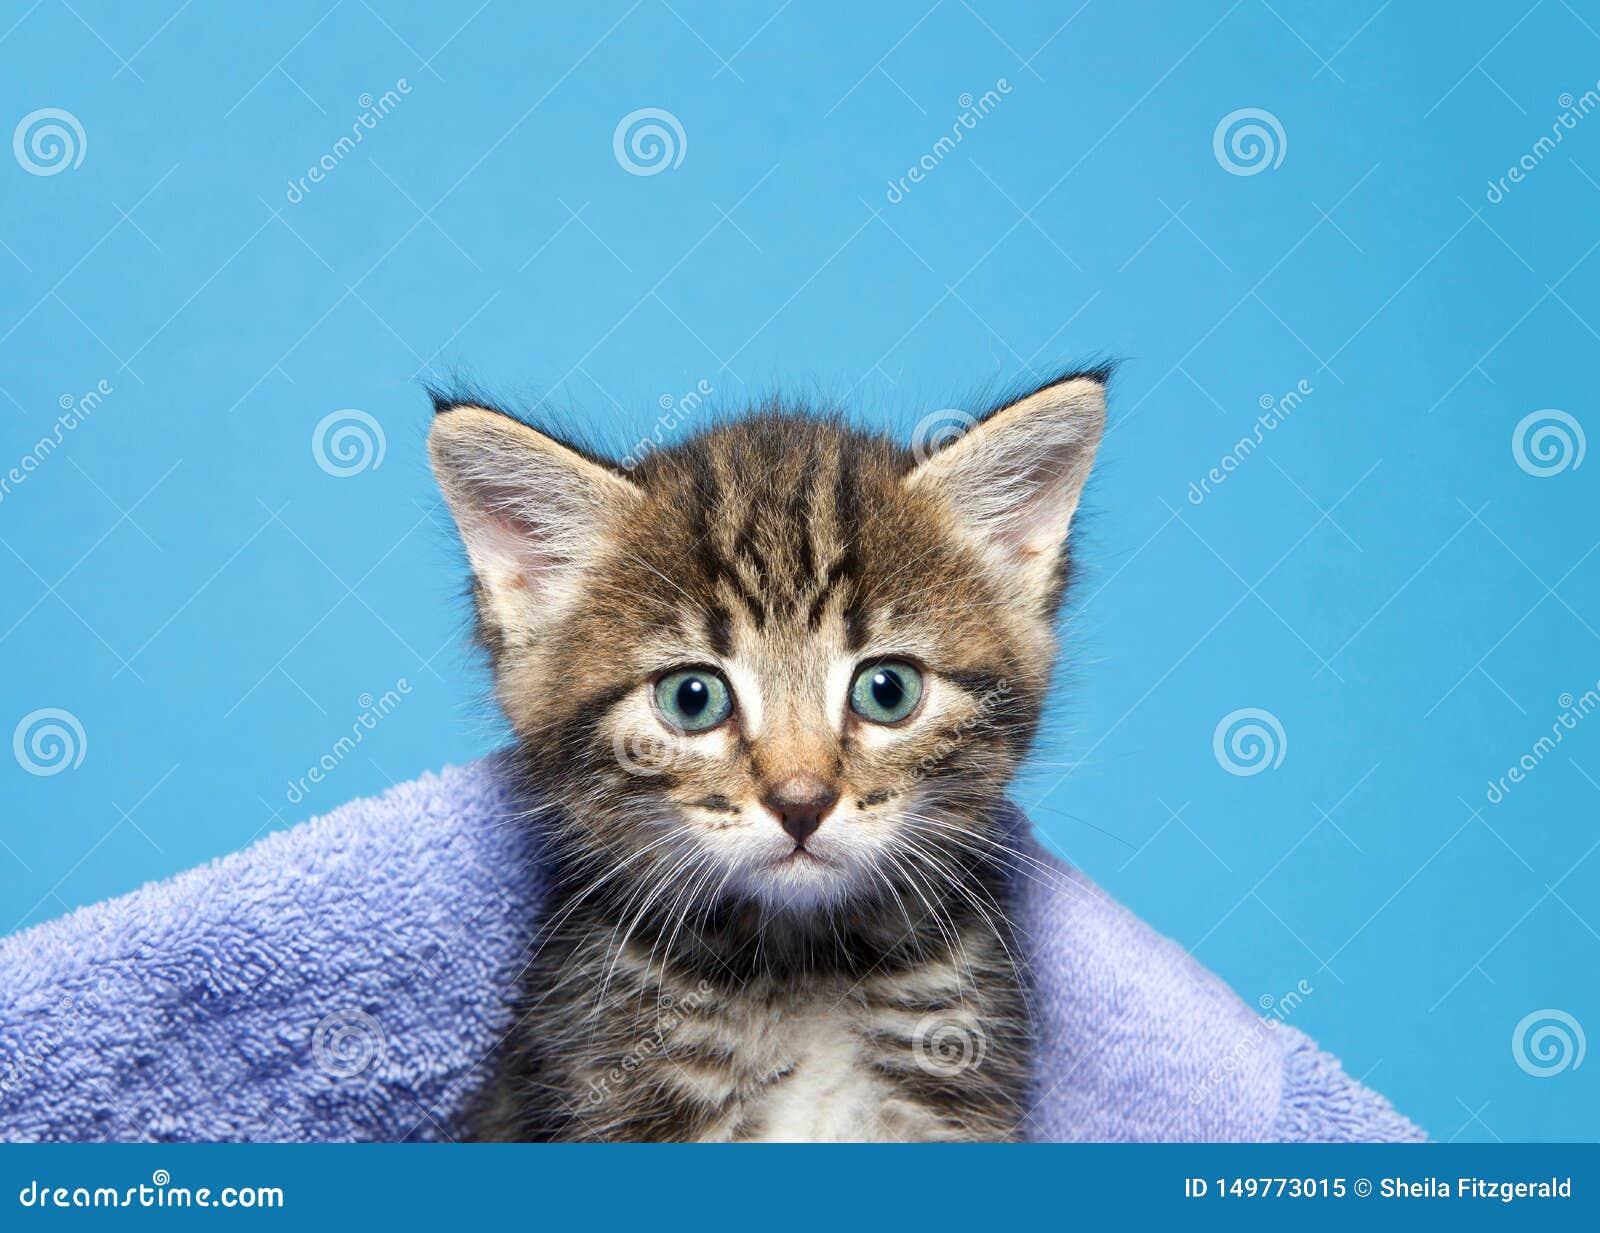 Portrait of a tabby kitten peeking out of a blanket